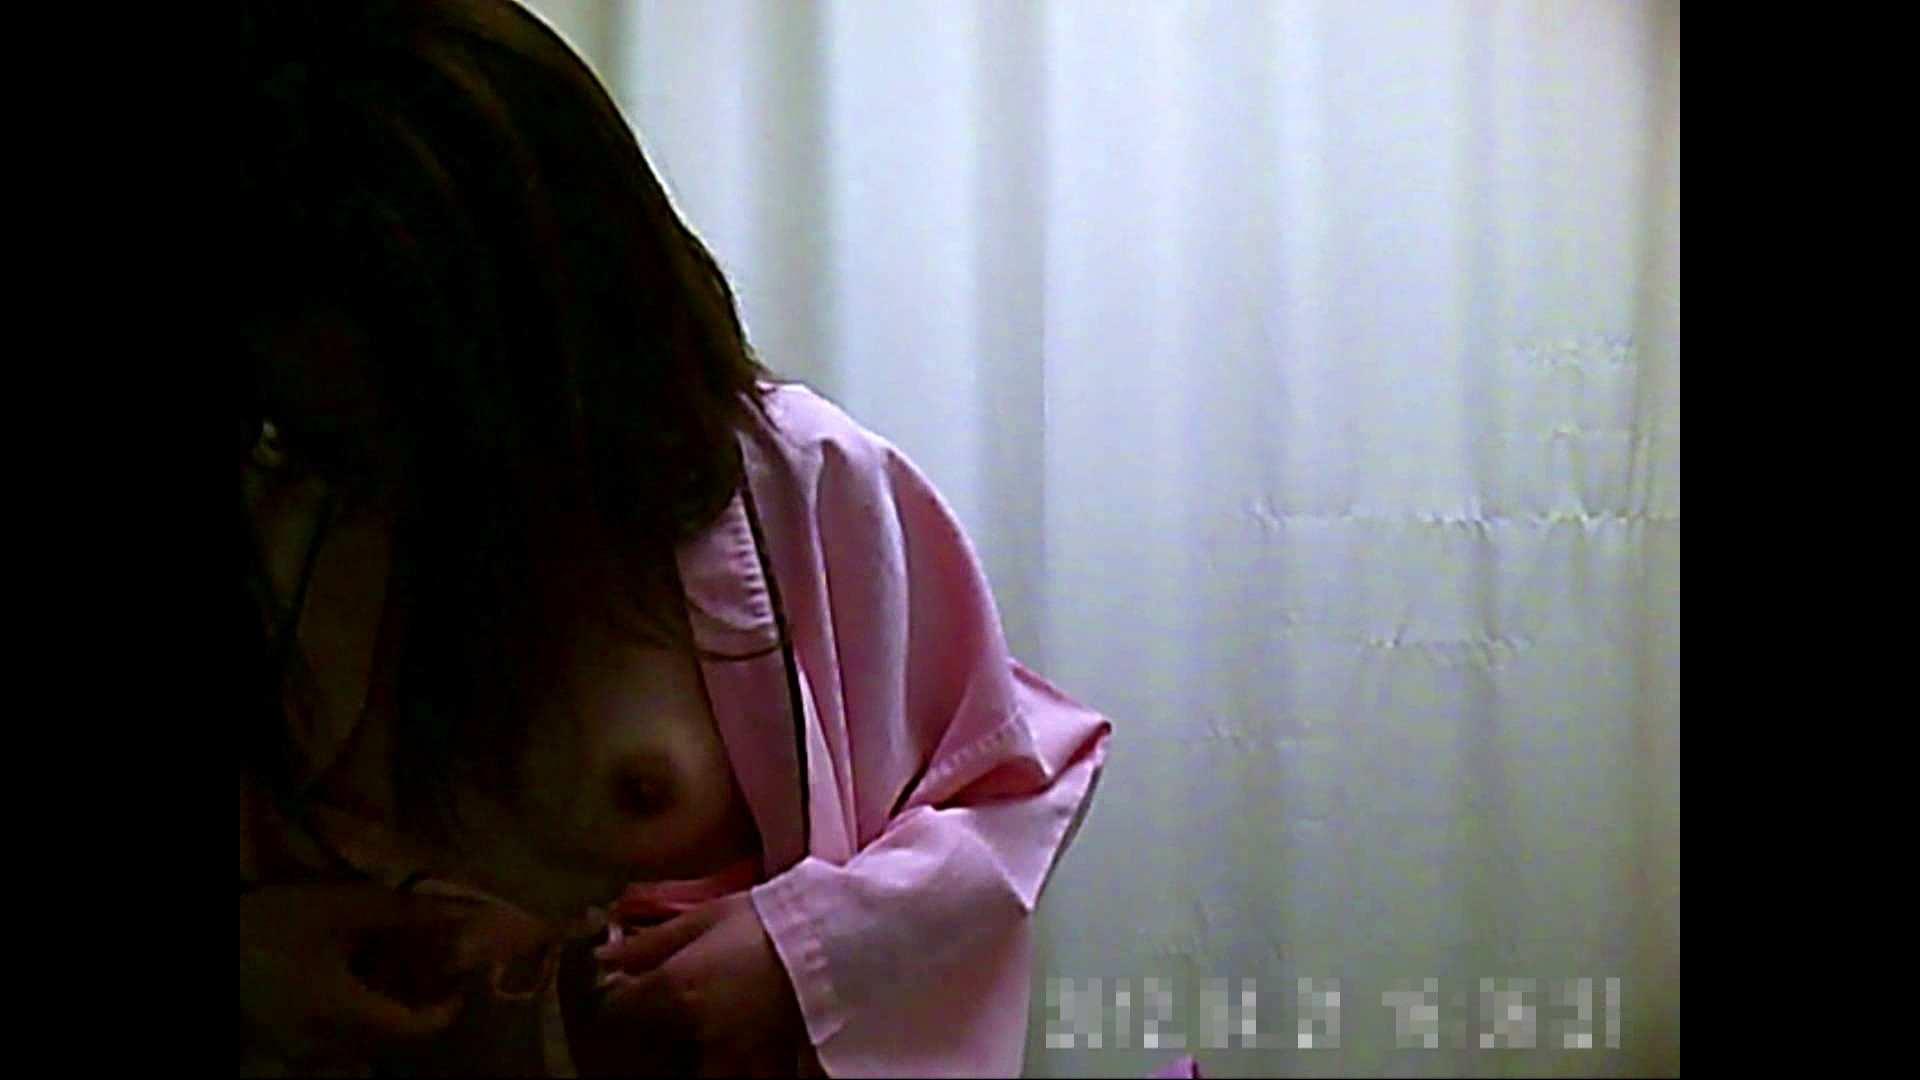 元医者による反抗 更衣室地獄絵巻 vol.013 OLのボディ  107PIX 10